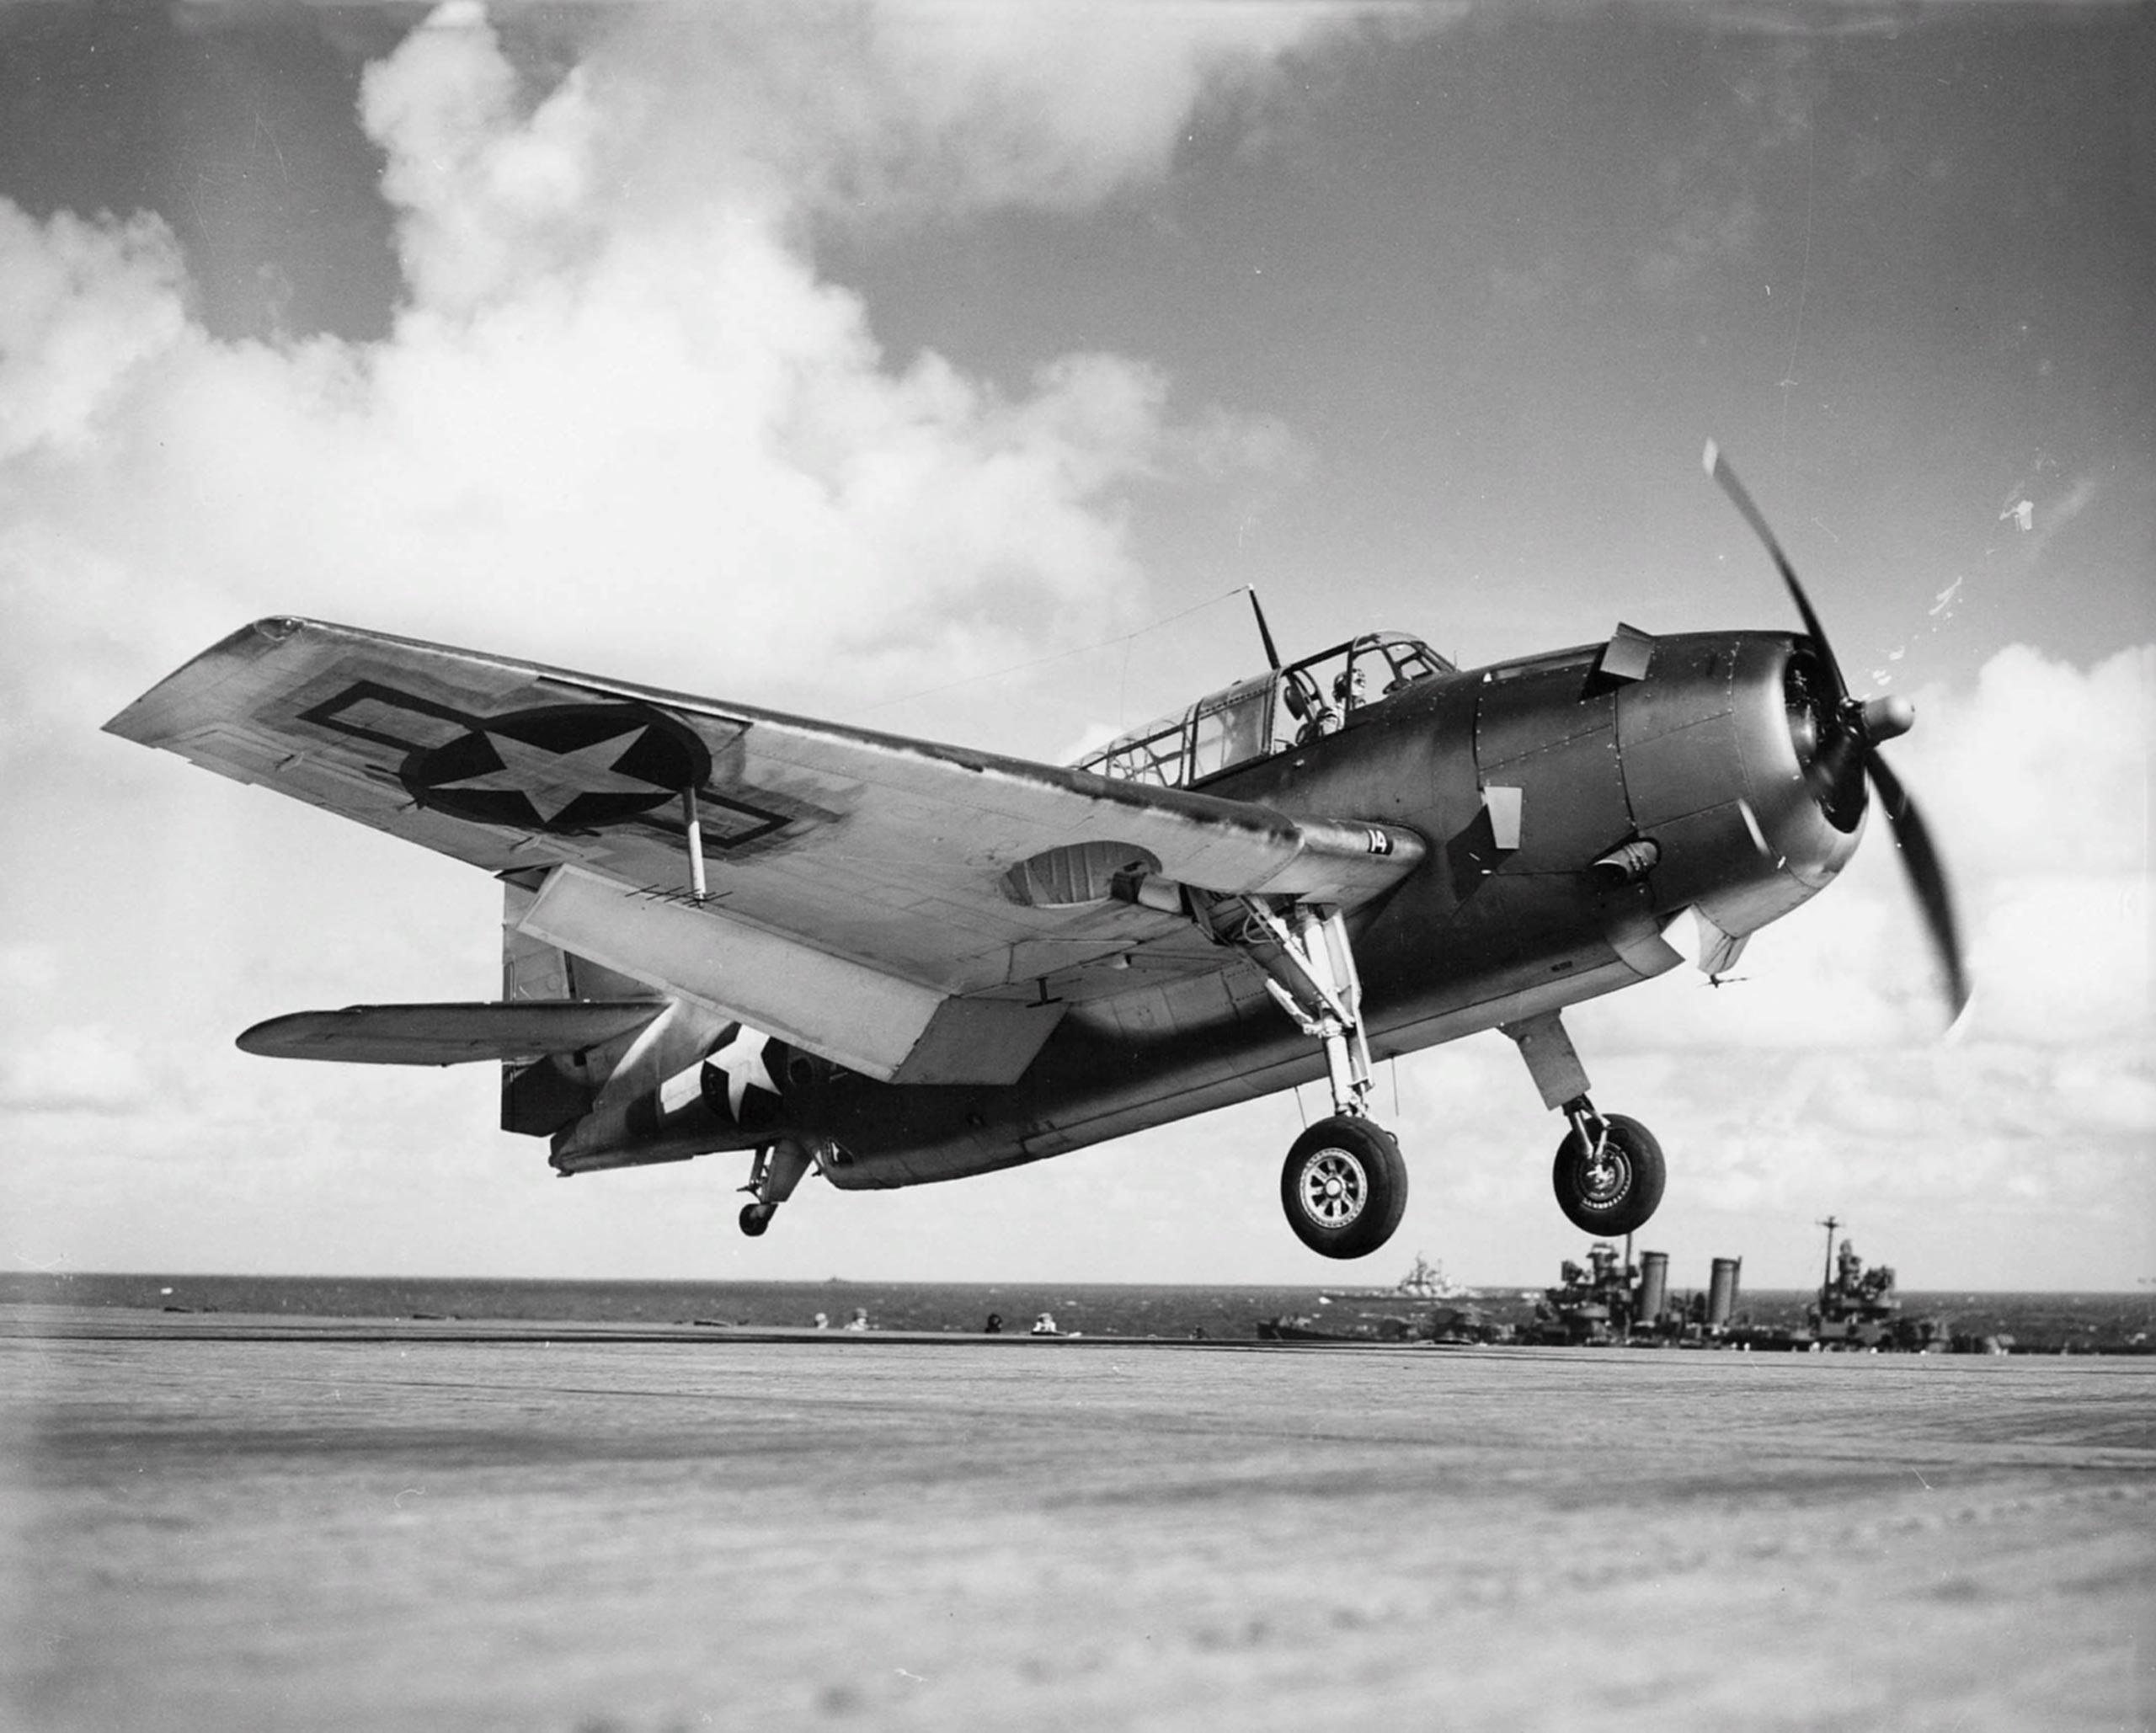 American Grumman TBF Avenger torpedo bomber takes off from Yorktown